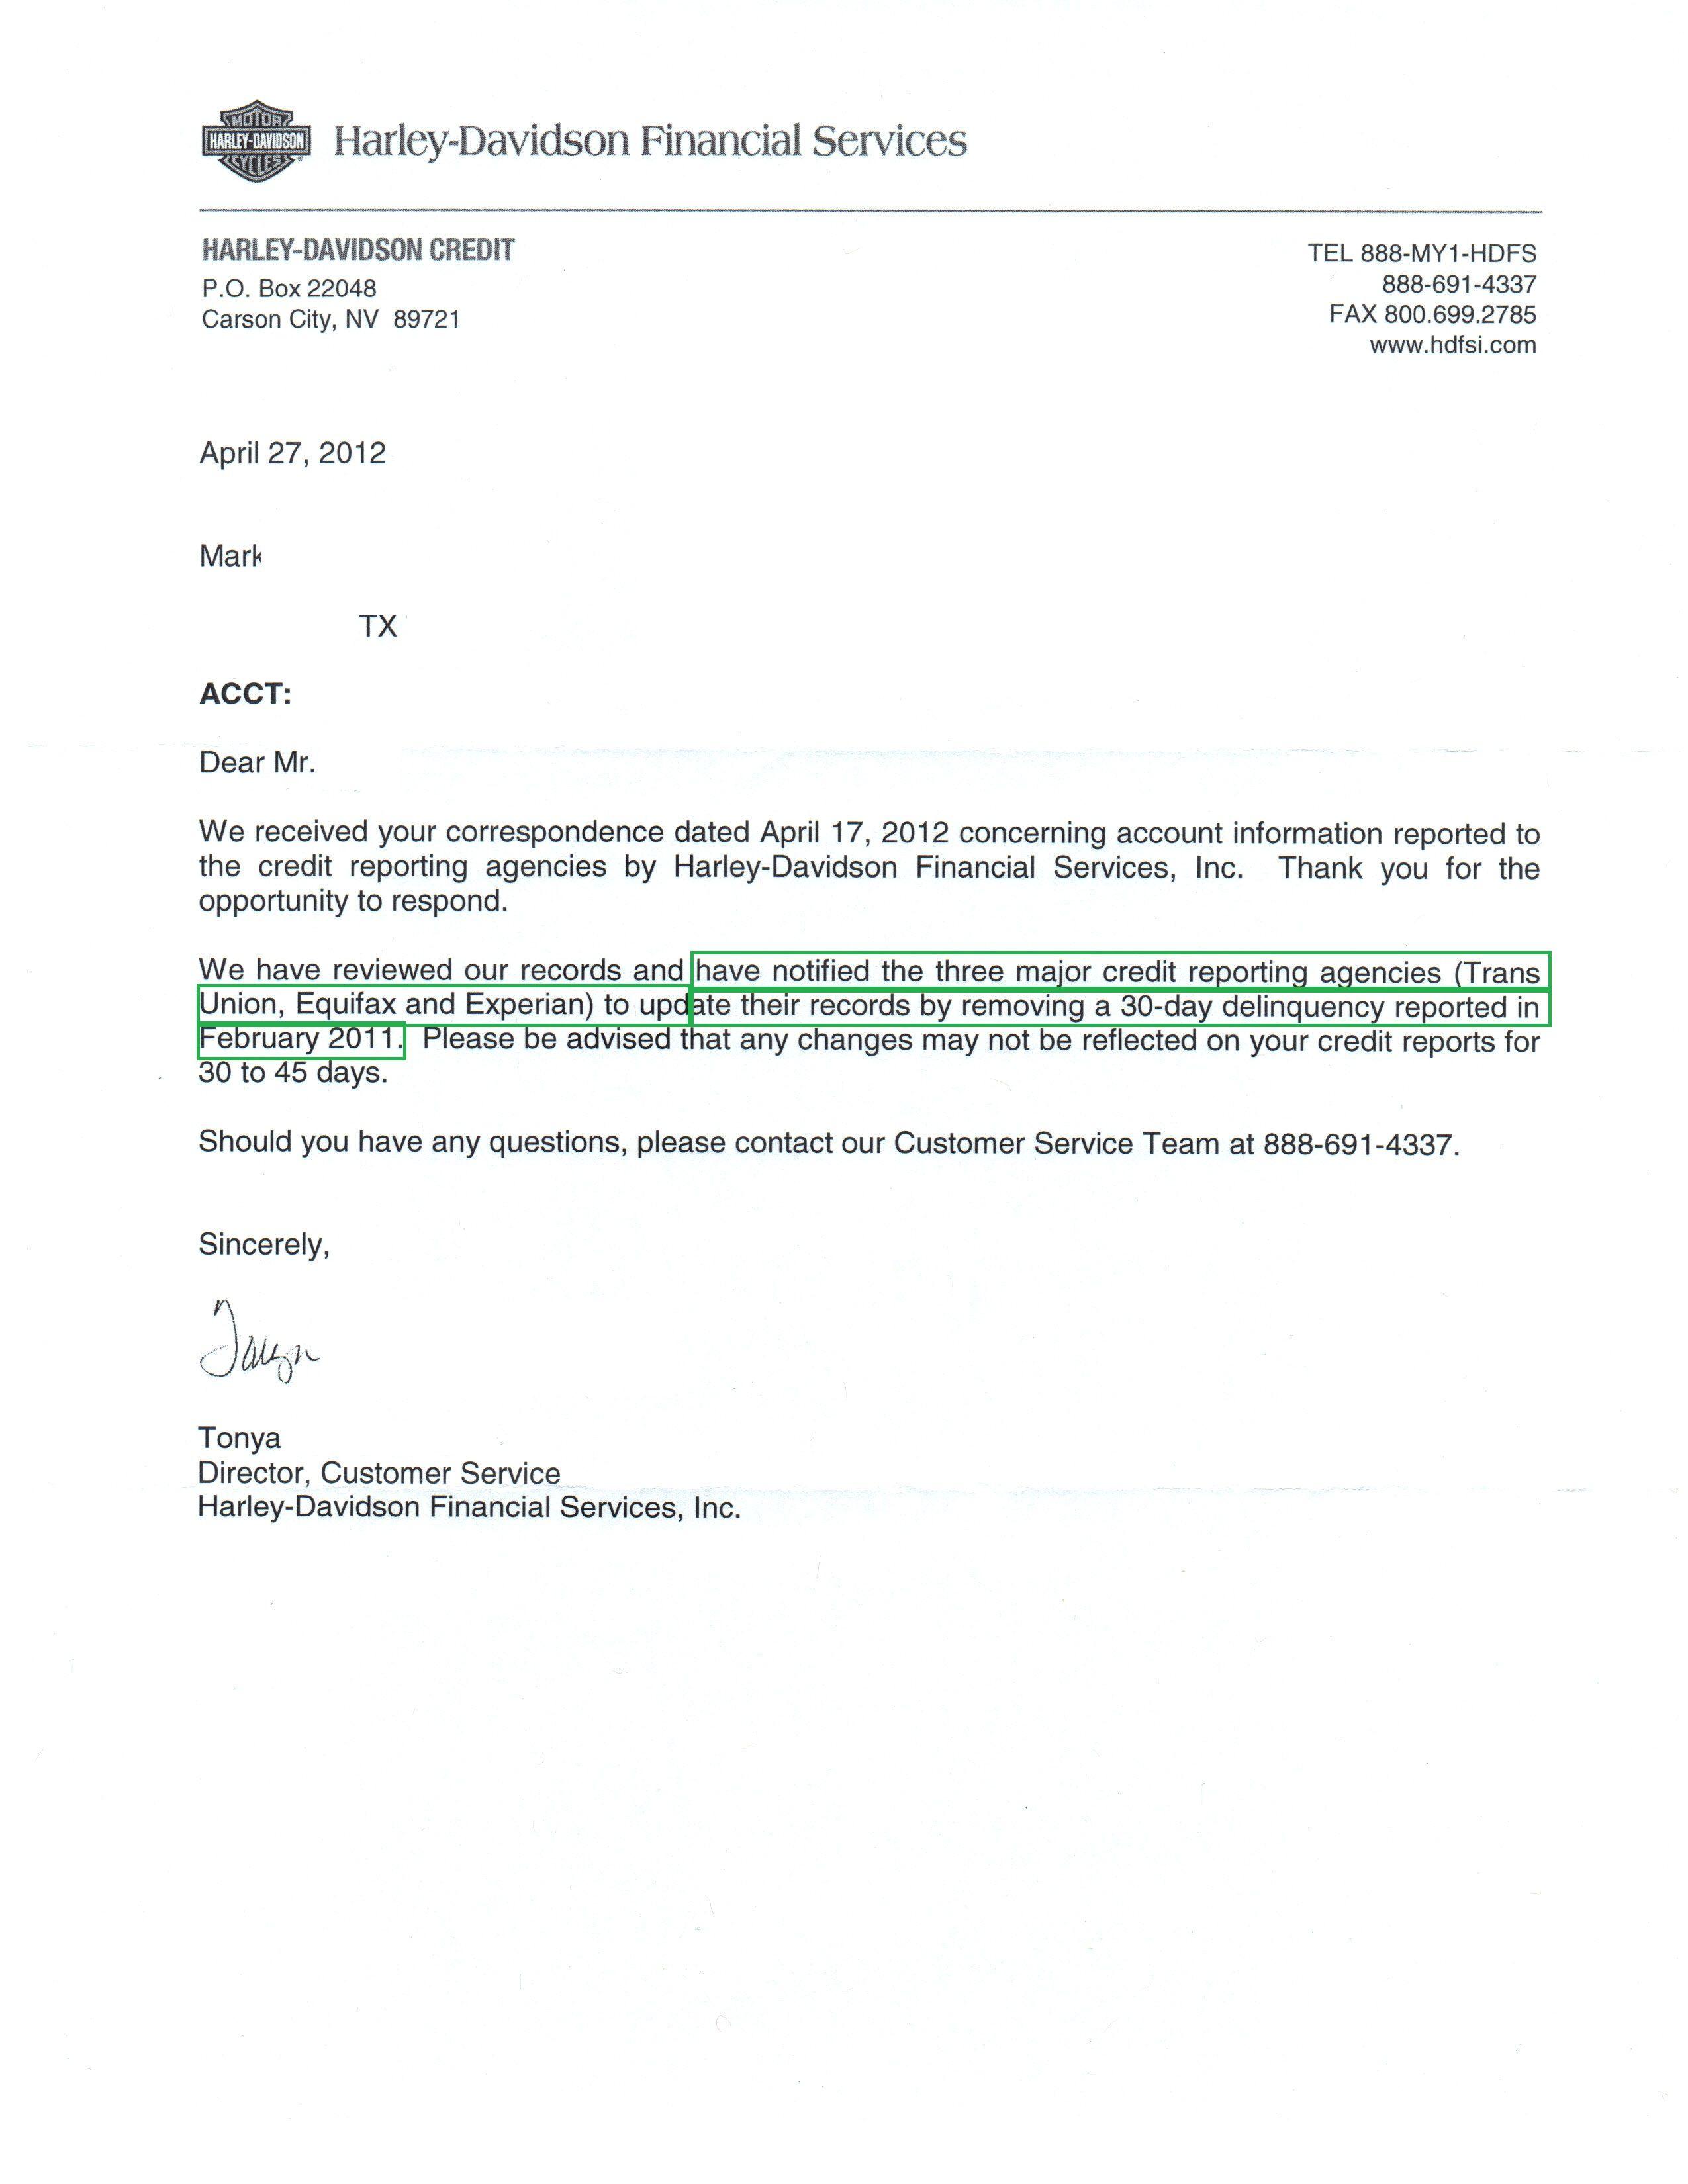 Clean Credit Letter Sample Credit Repair Secrets Exposed Here